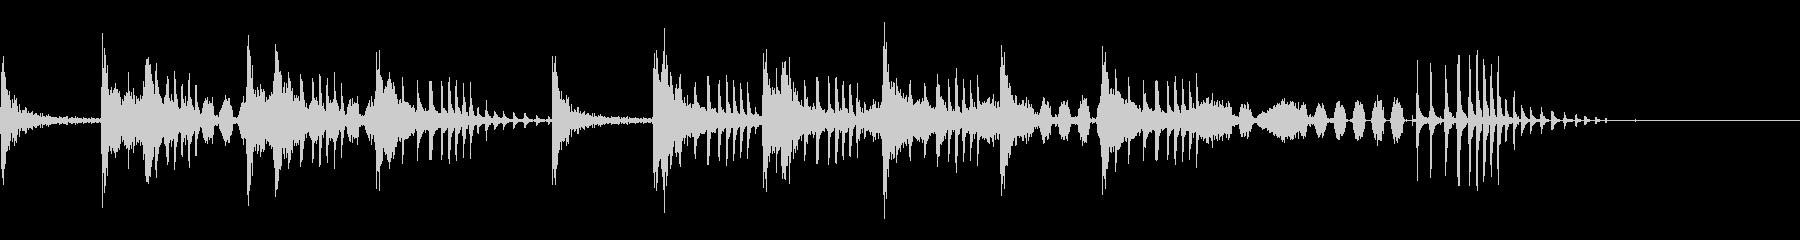 とんとん(派手な建設中の音)B11の未再生の波形